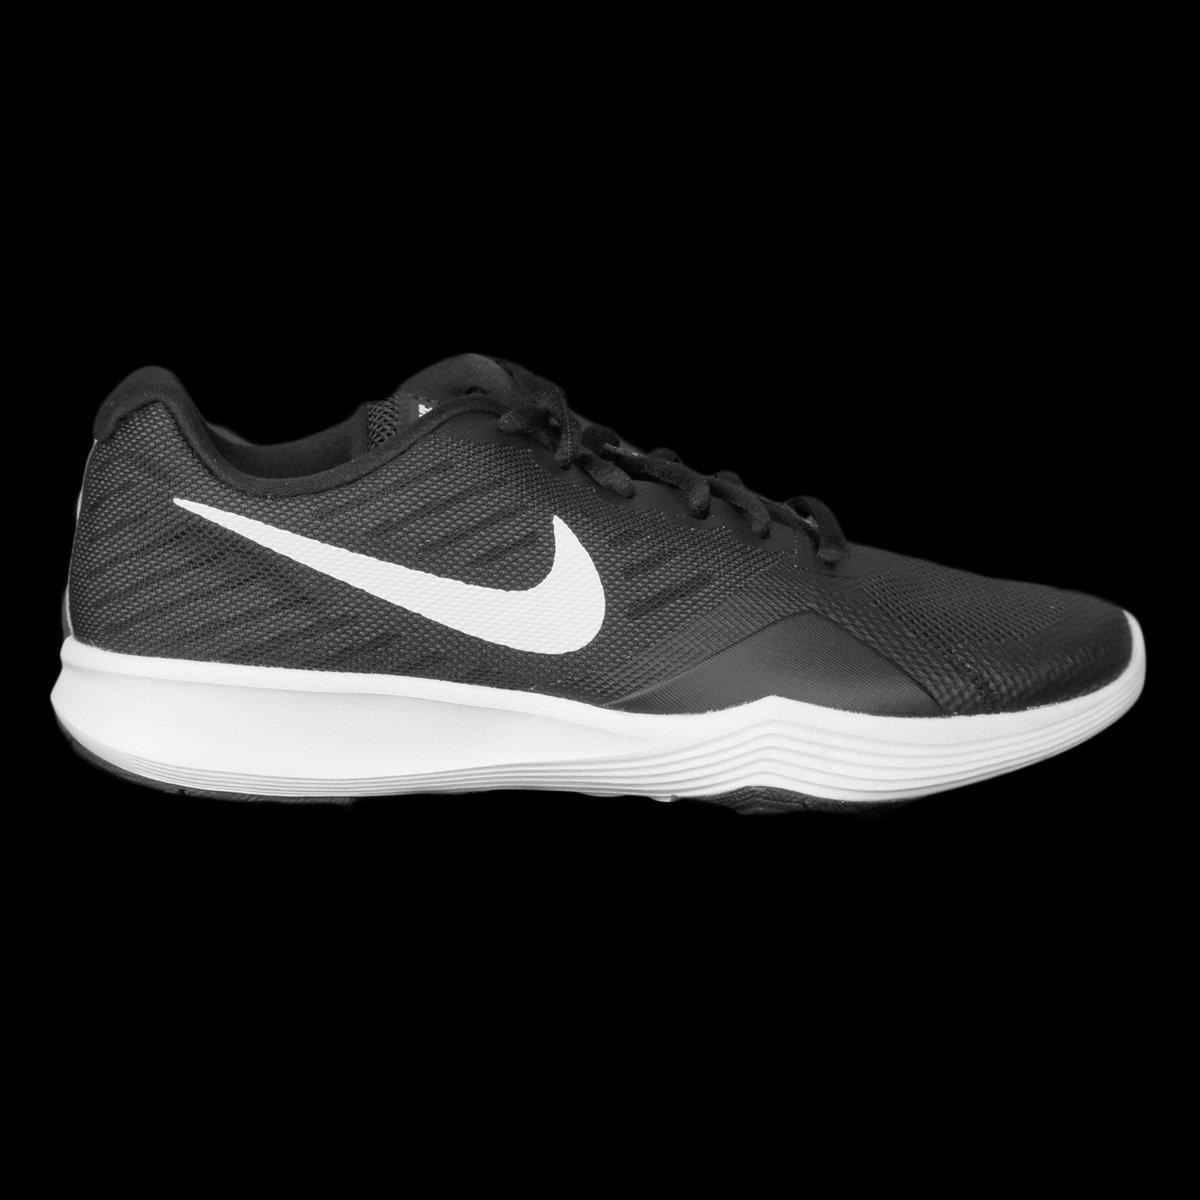 Tênis Nike City Trainer Feminino - Preto e Branco - Compre Agora ... b122f5dae8553